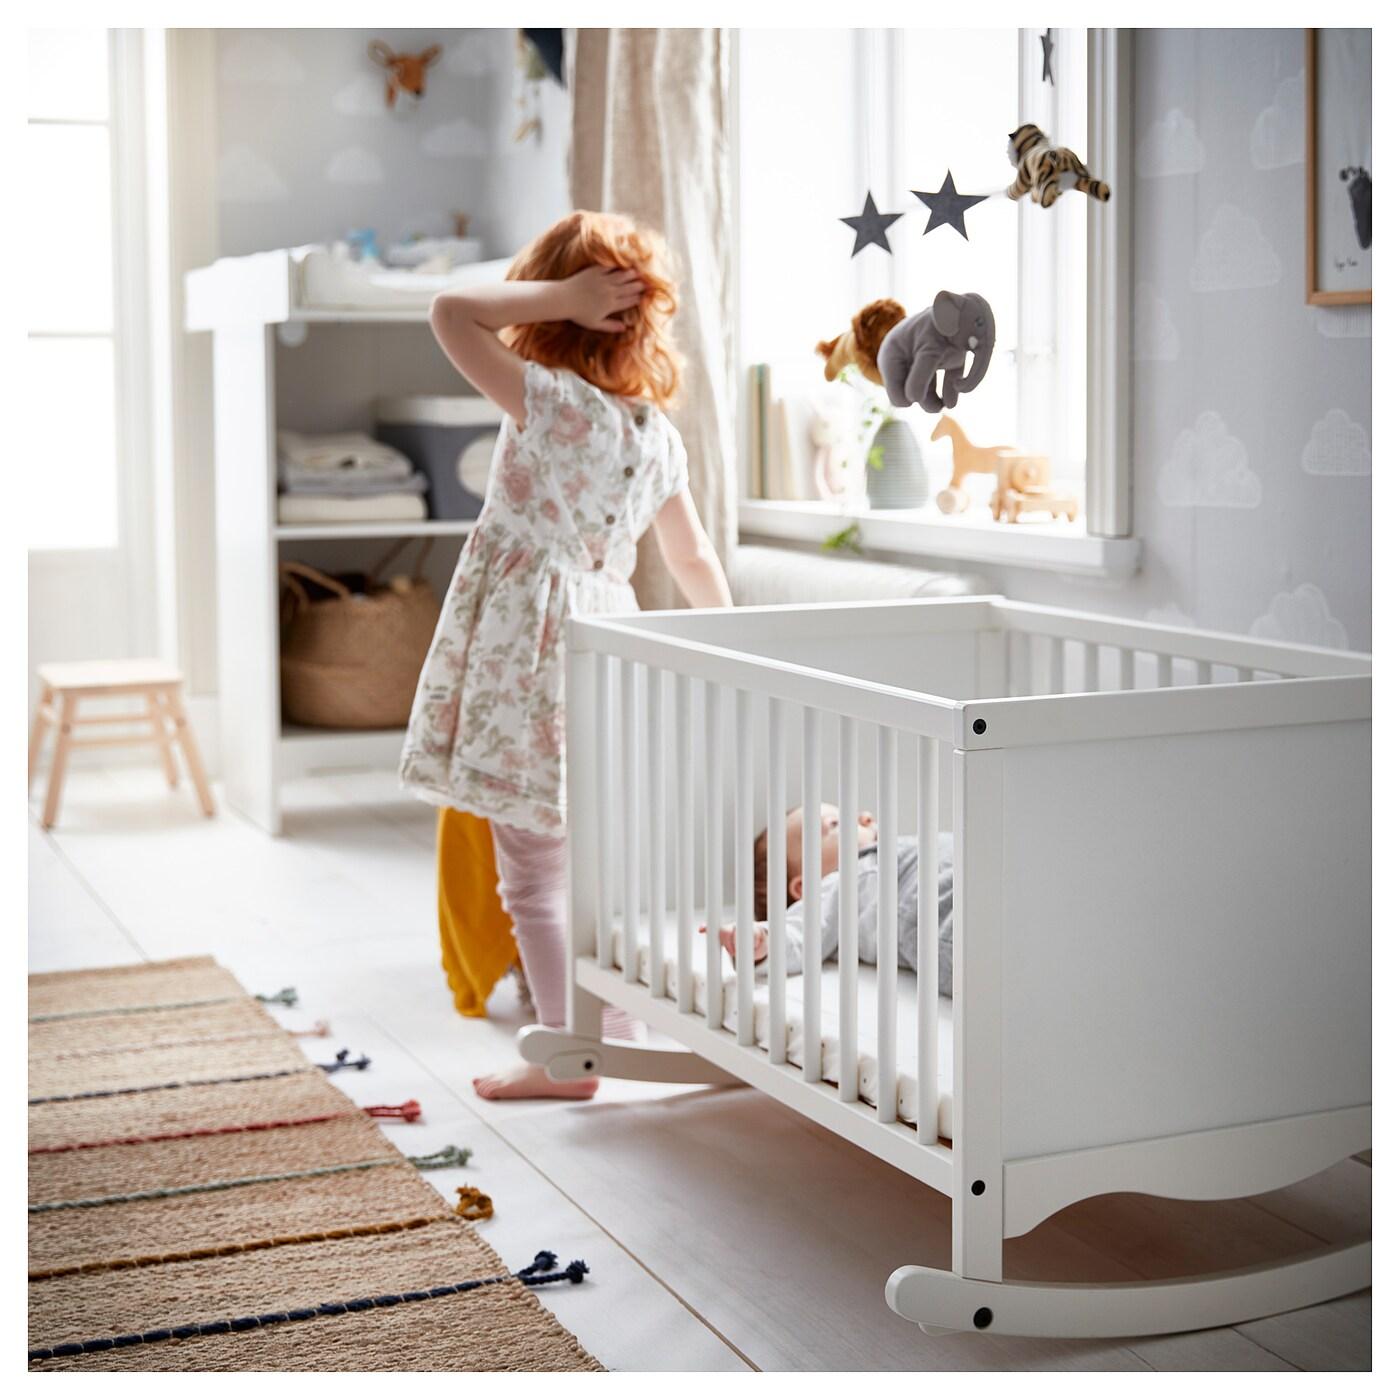 SOLGUL Berceau av matelas en mousse, blanc, 66x84 cm IKEA